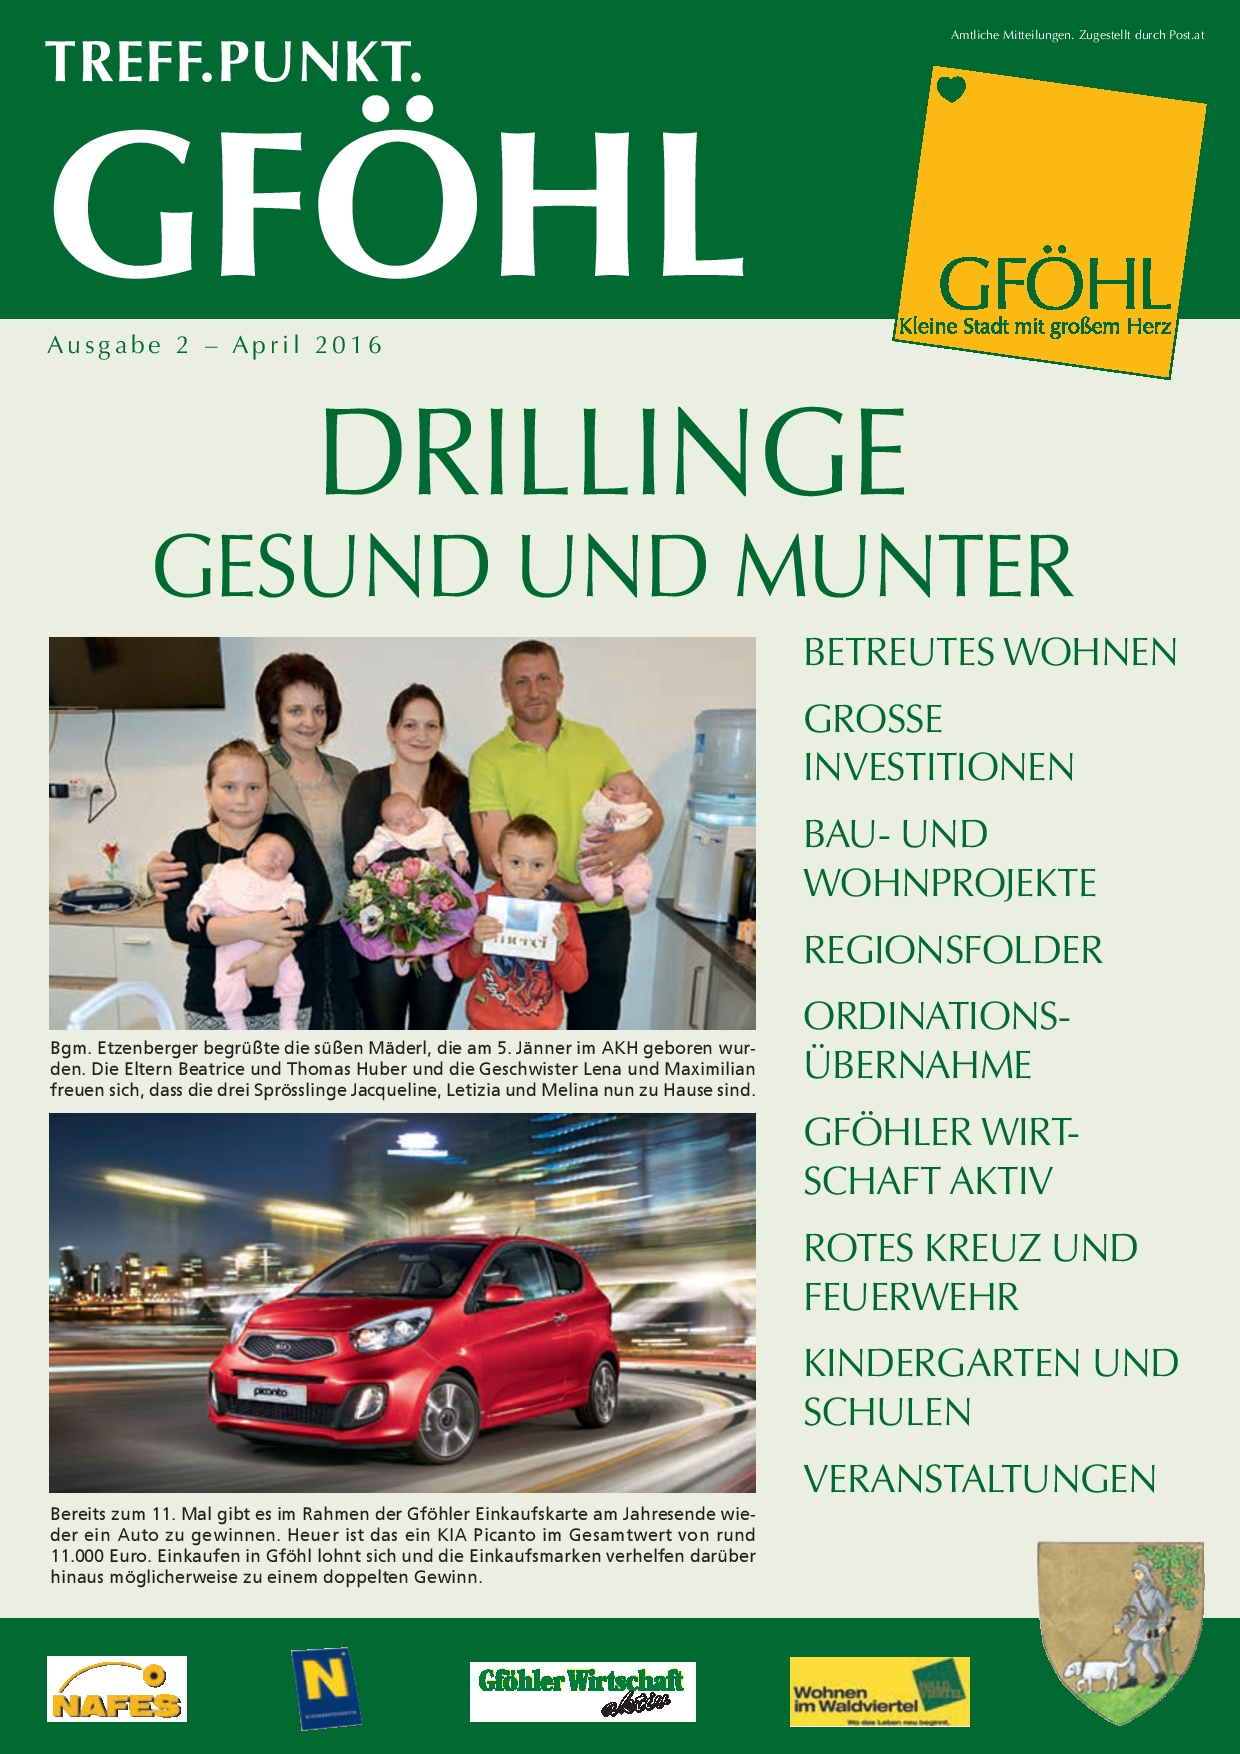 Leutgeb Robert - Stadtgemeinde Gfhl - Gfhl